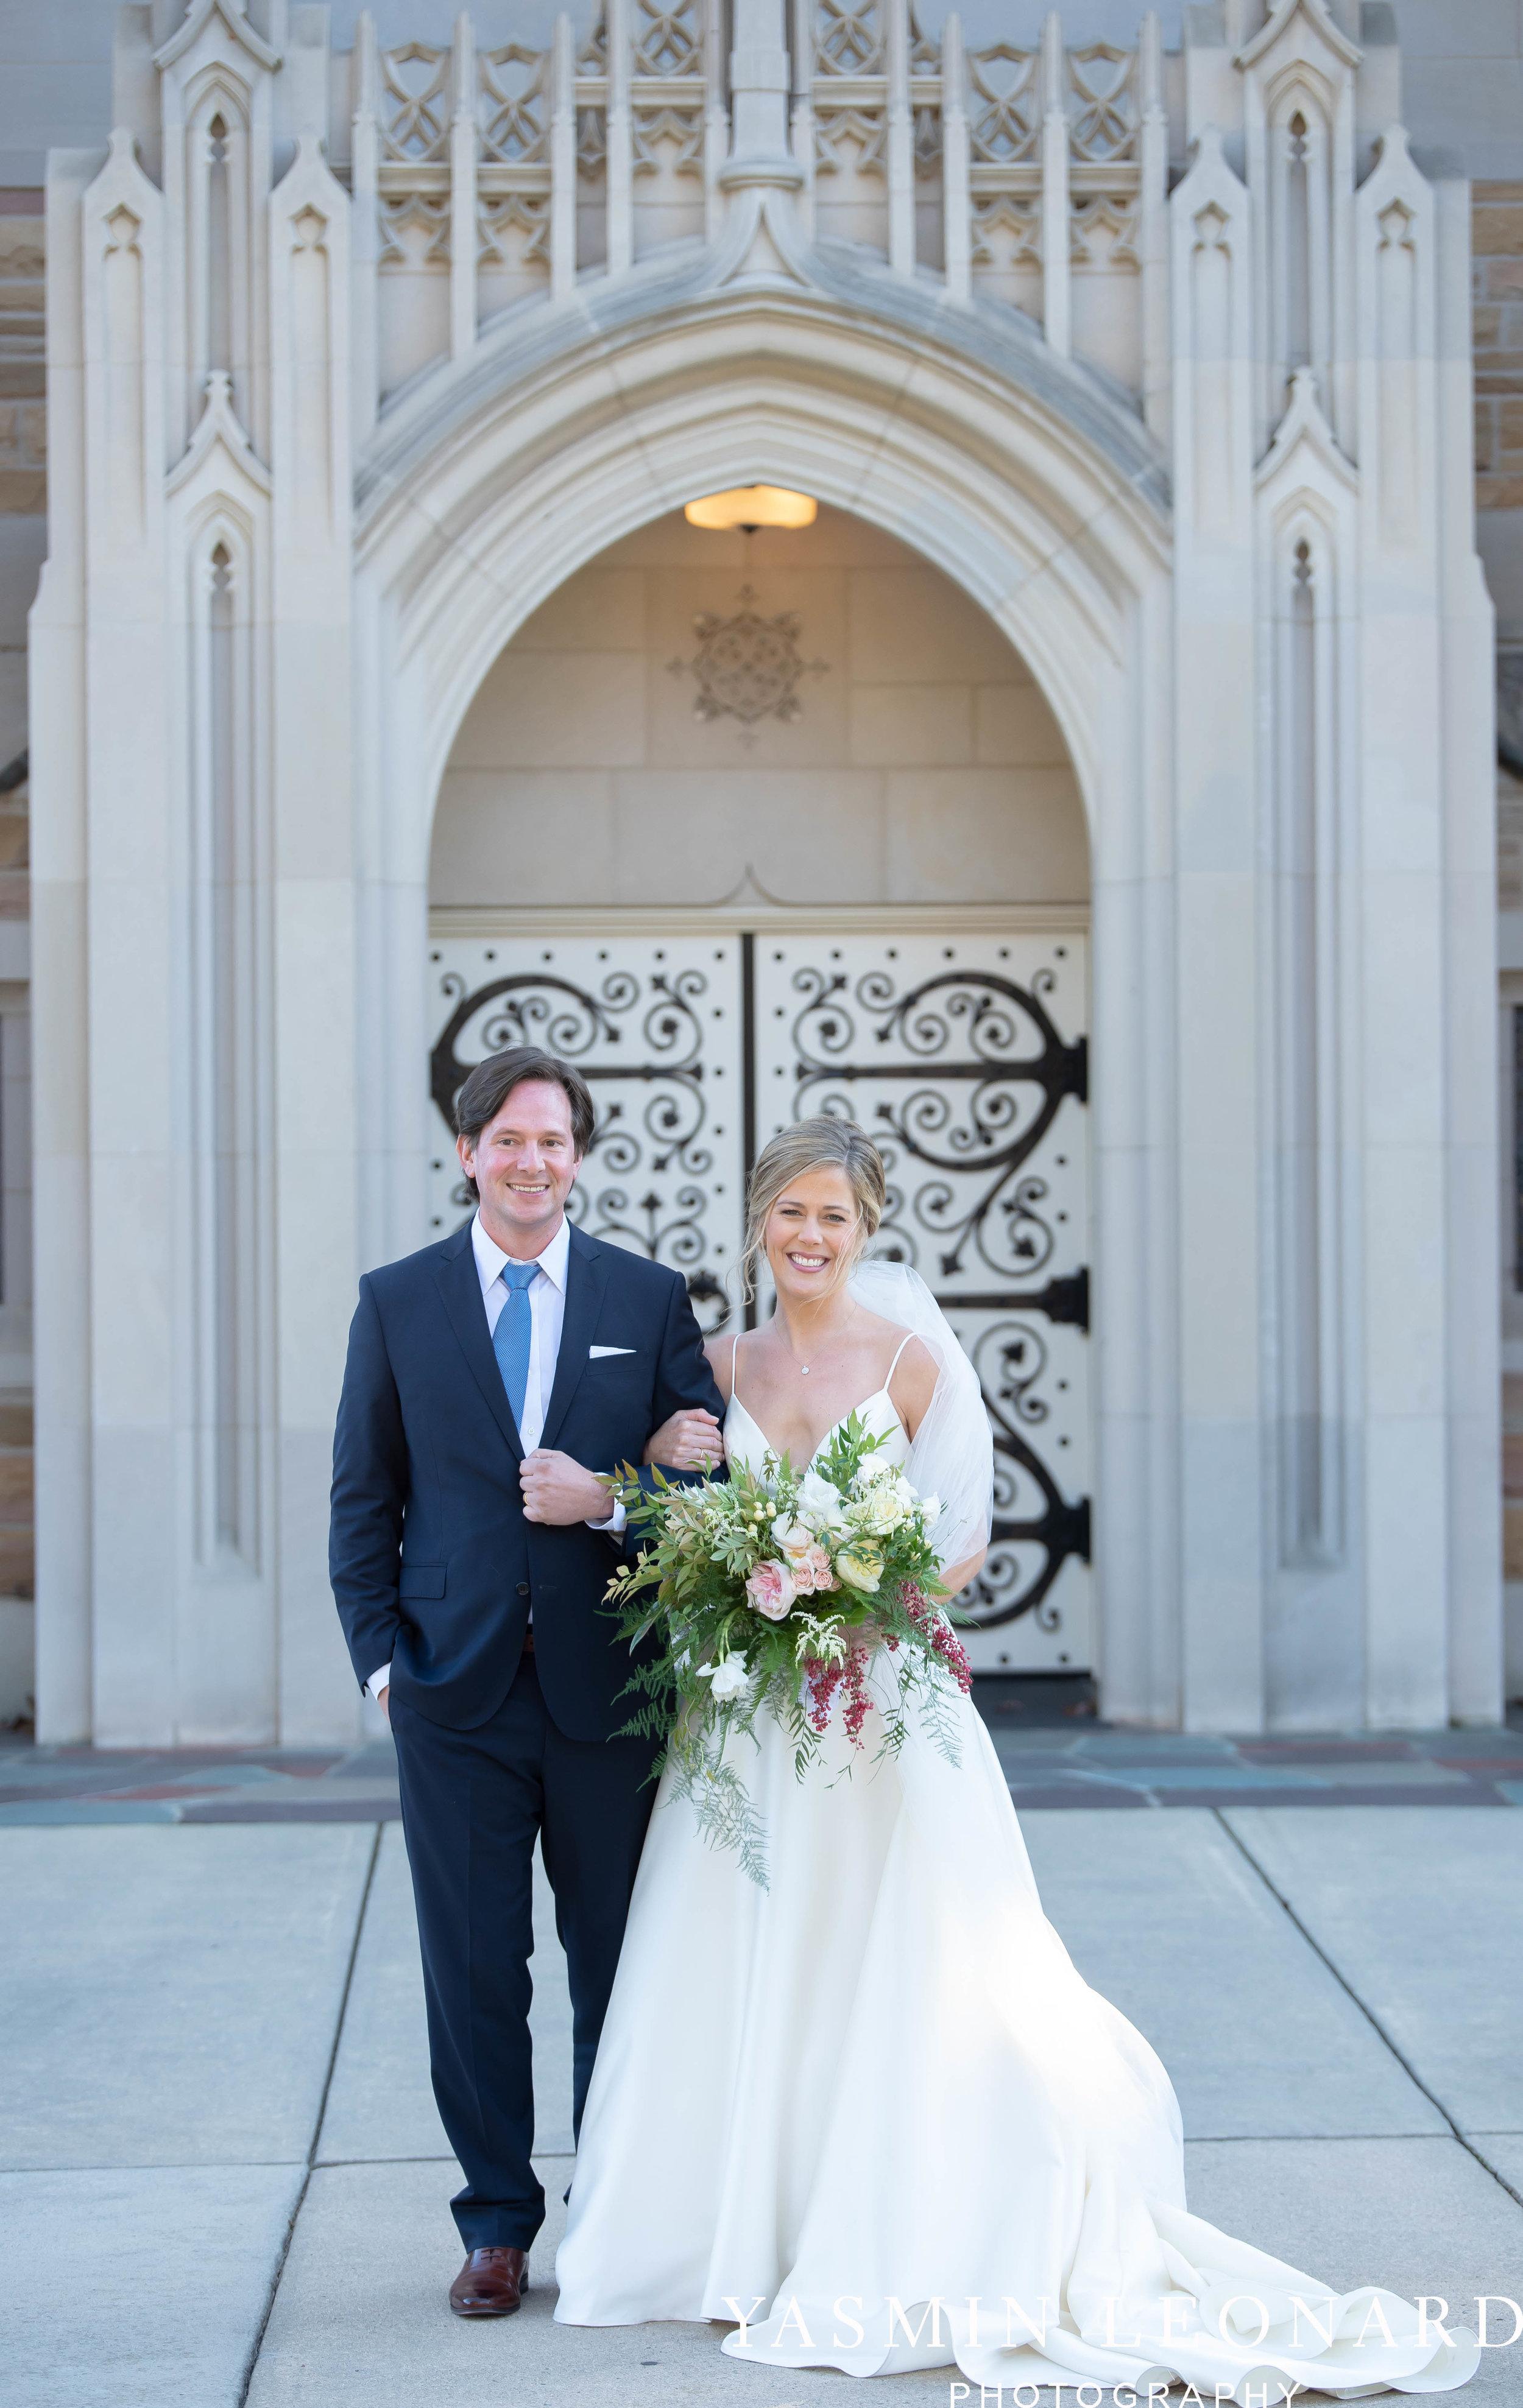 Wesley Memorial United Methodist Church - EmeryWood - High Point Weddings - High Point Wedding Photographer - NC Wedding Photographer - Yasmin Leonard Photography-39.jpg